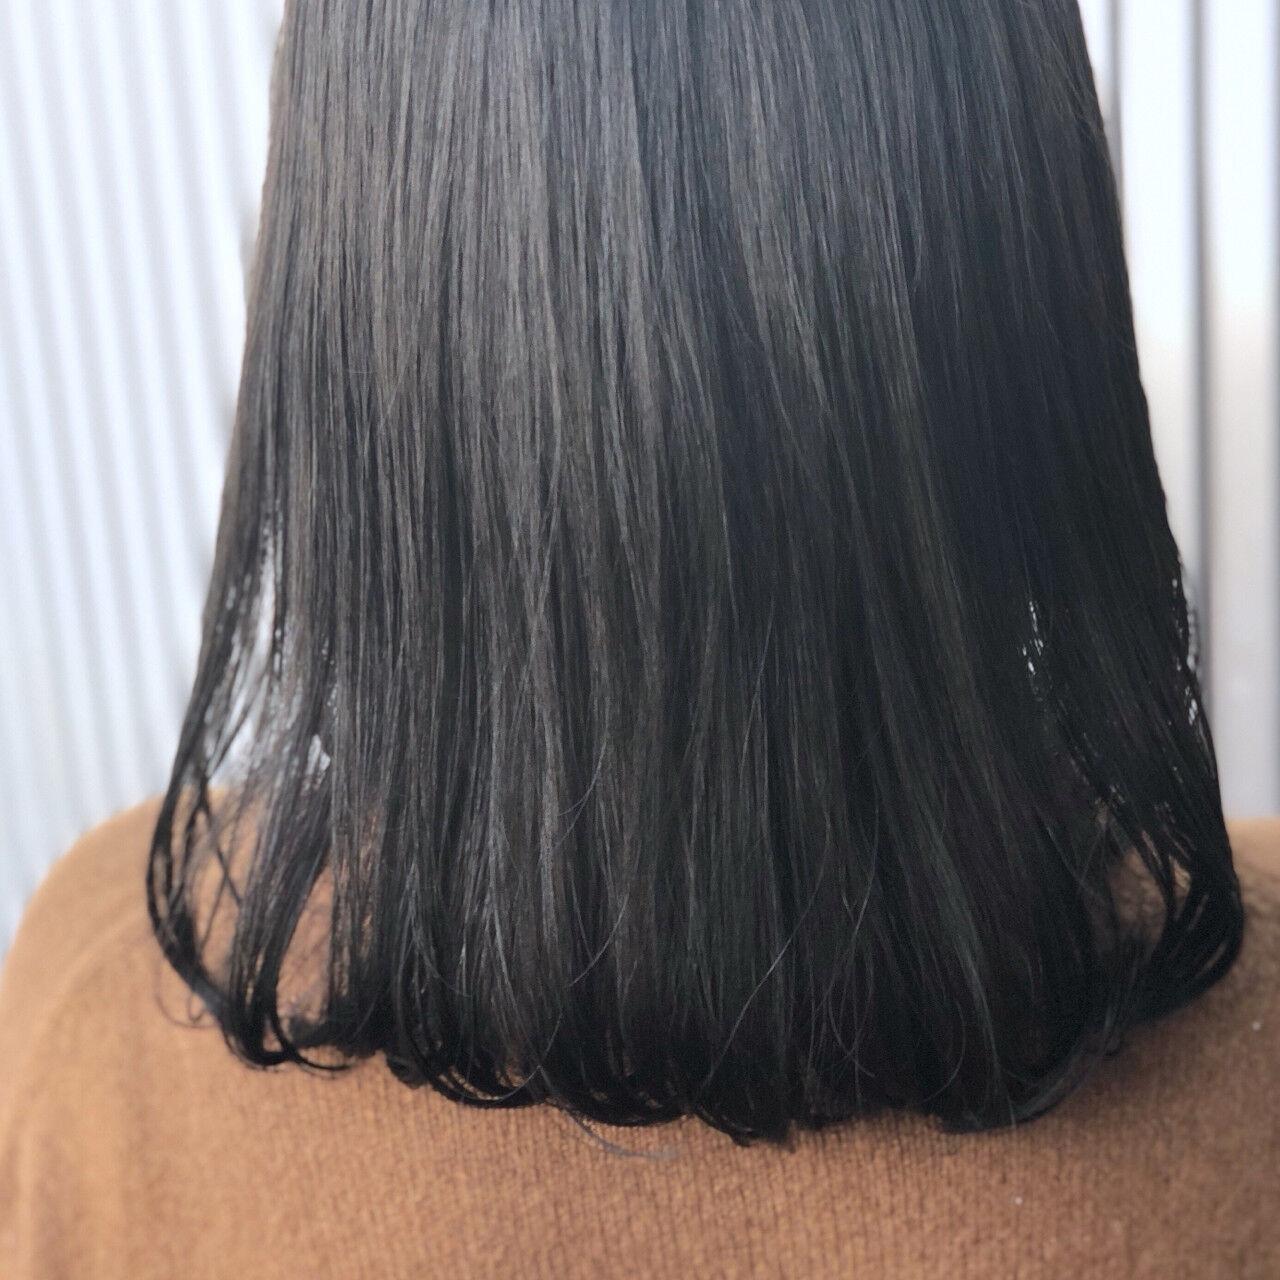 透明感 ナチュラル ミディアム ストレートヘアスタイルや髪型の写真・画像